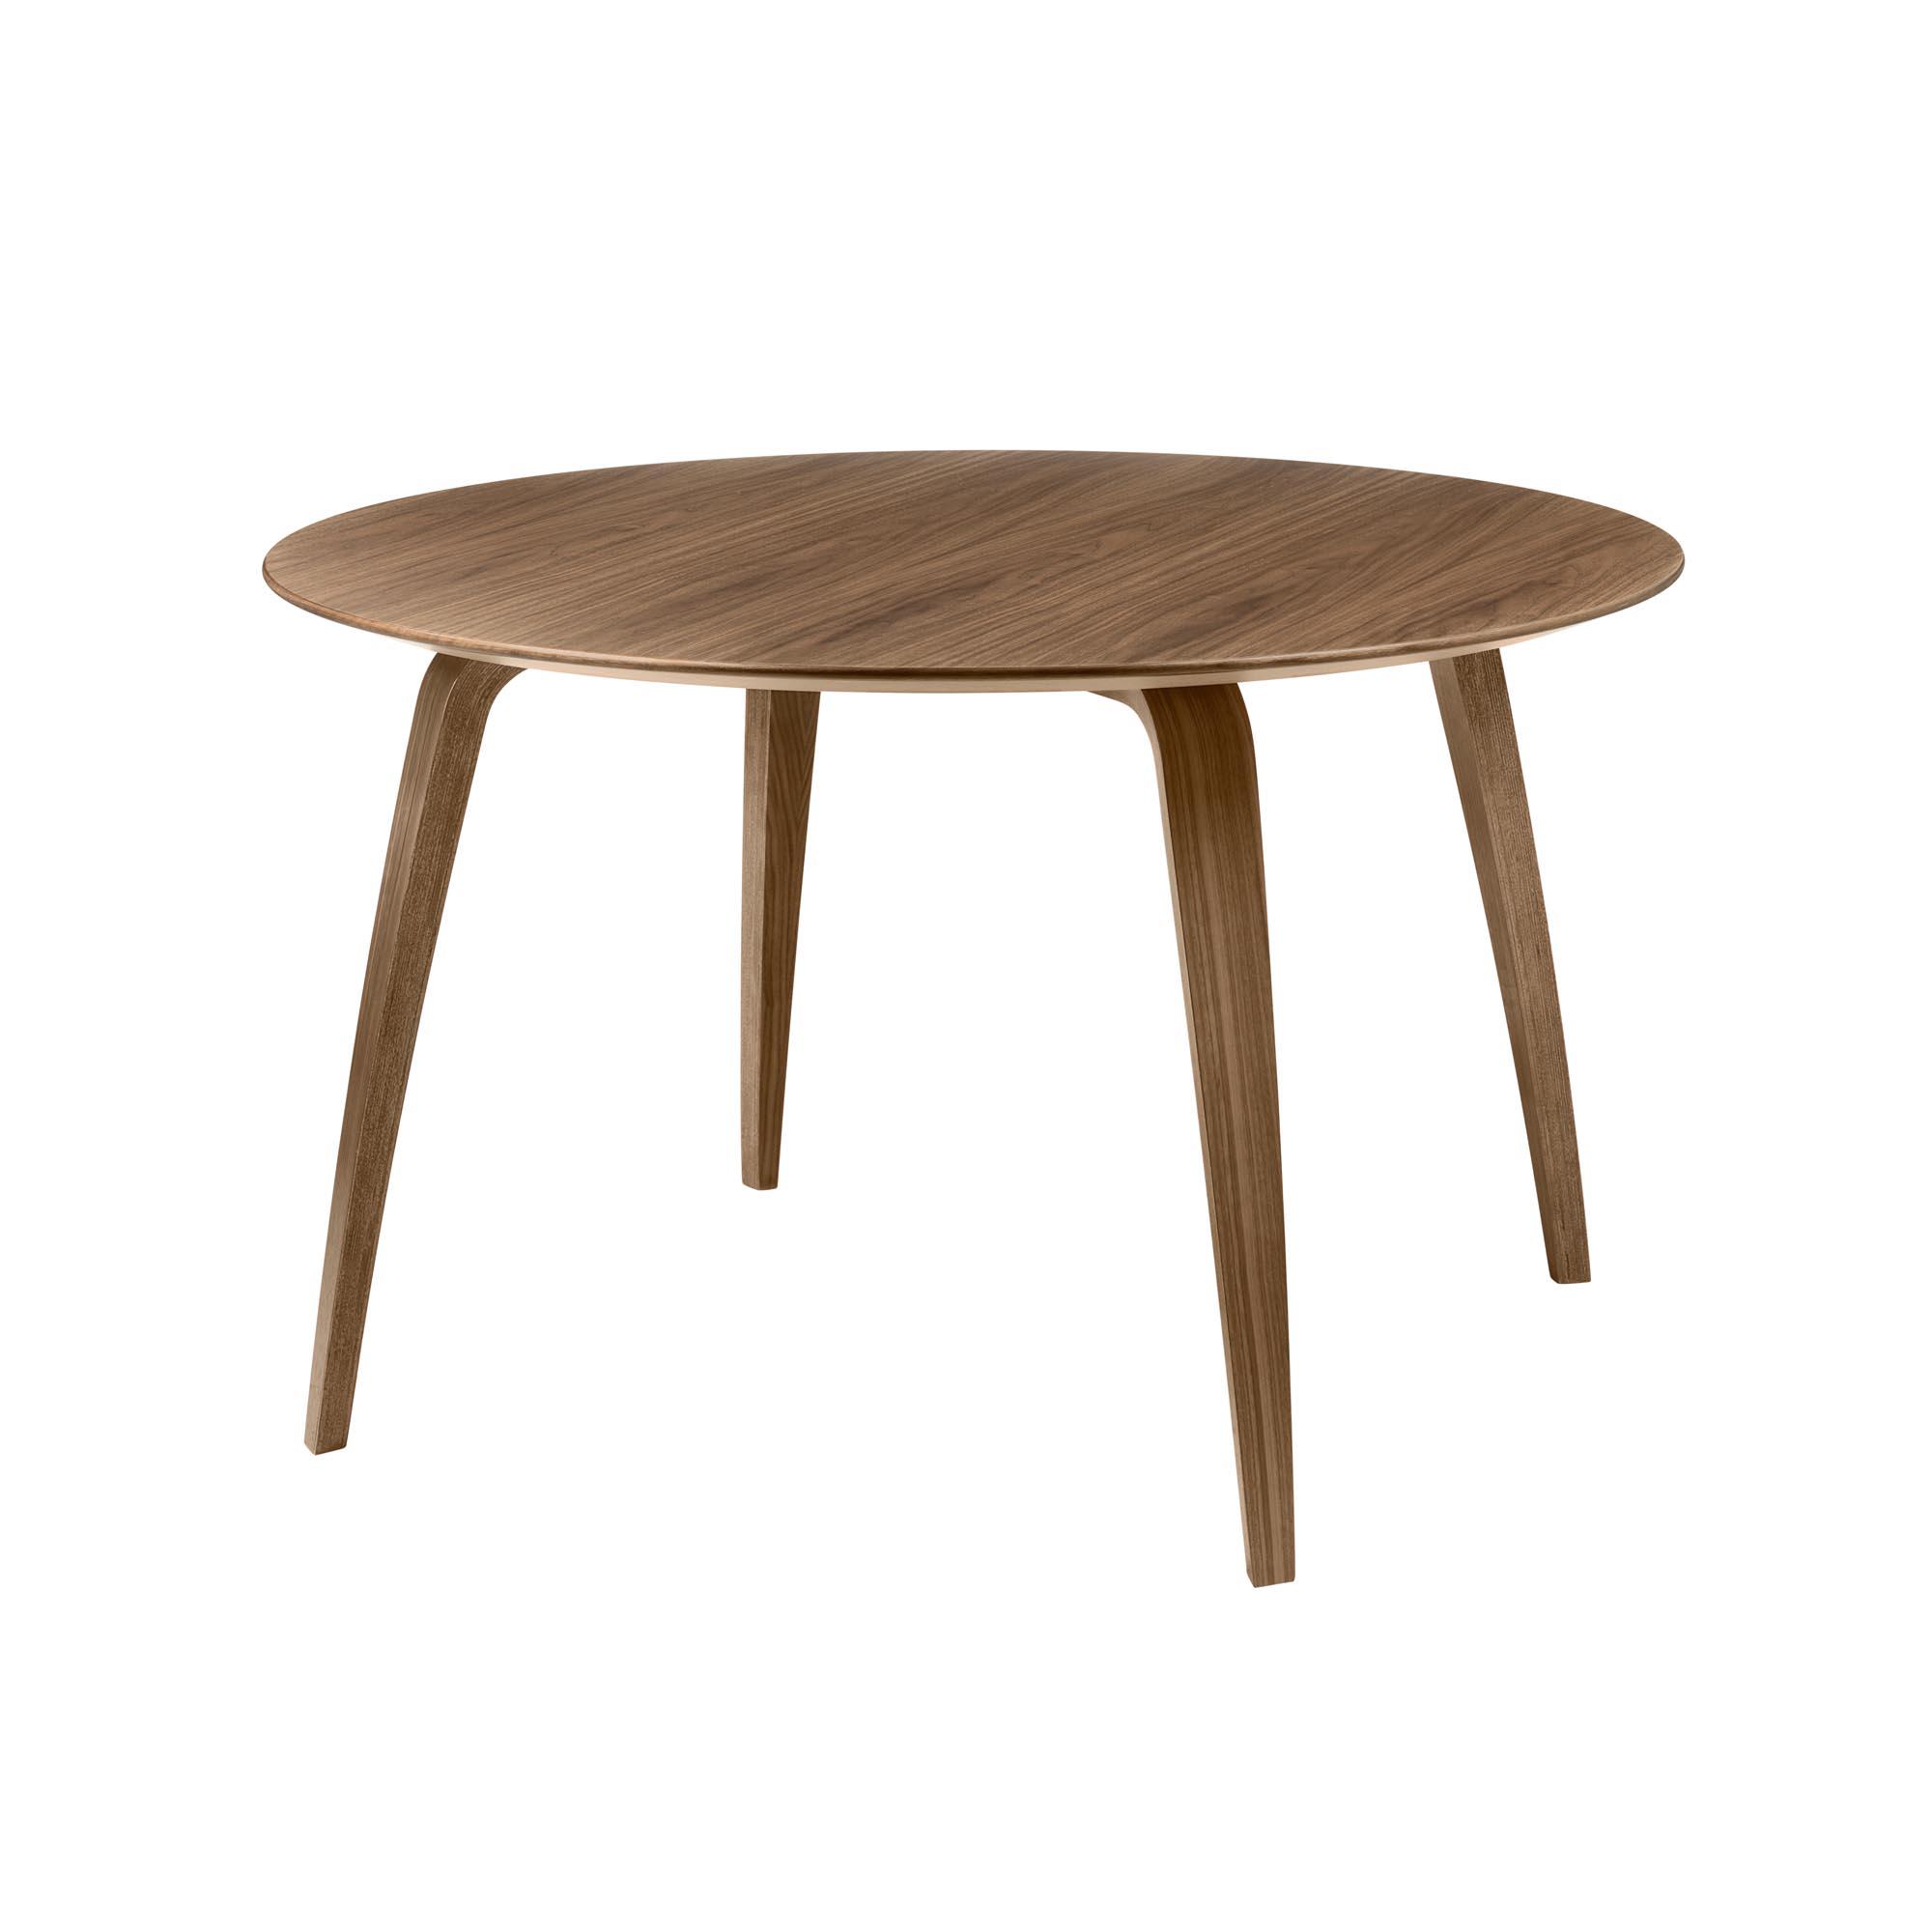 Tisch designklassiker rund for Esstisch rund designklassiker